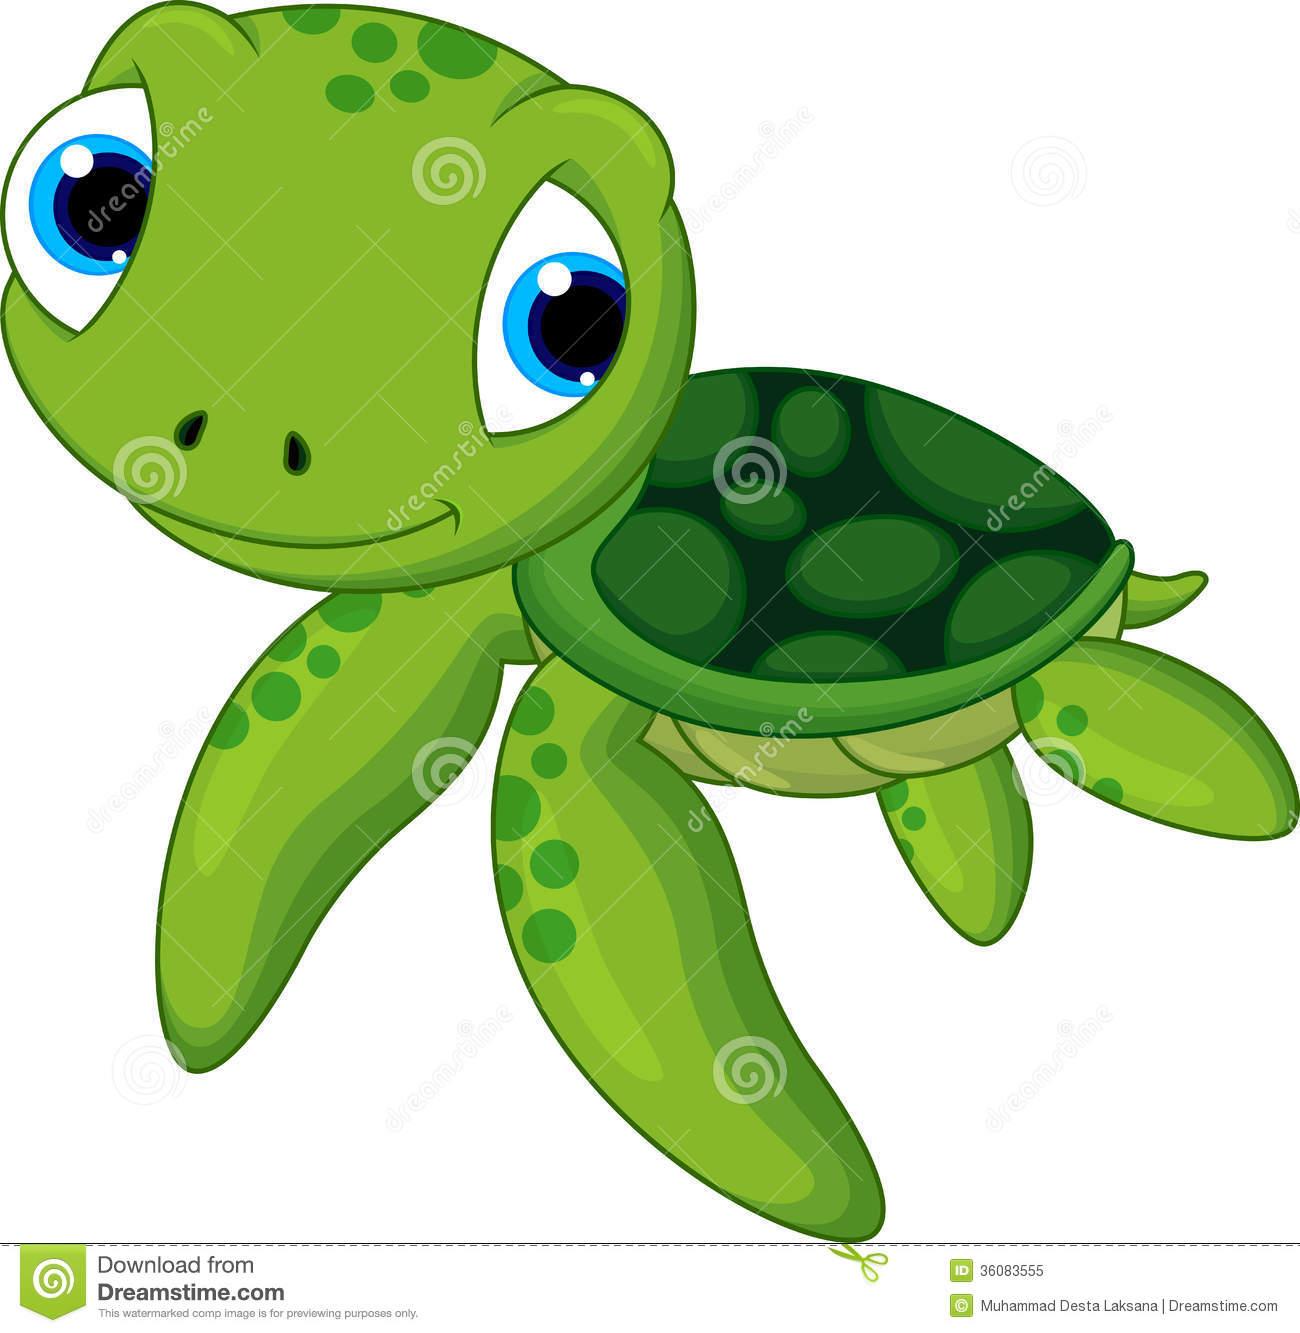 Green sea turtle clipart.